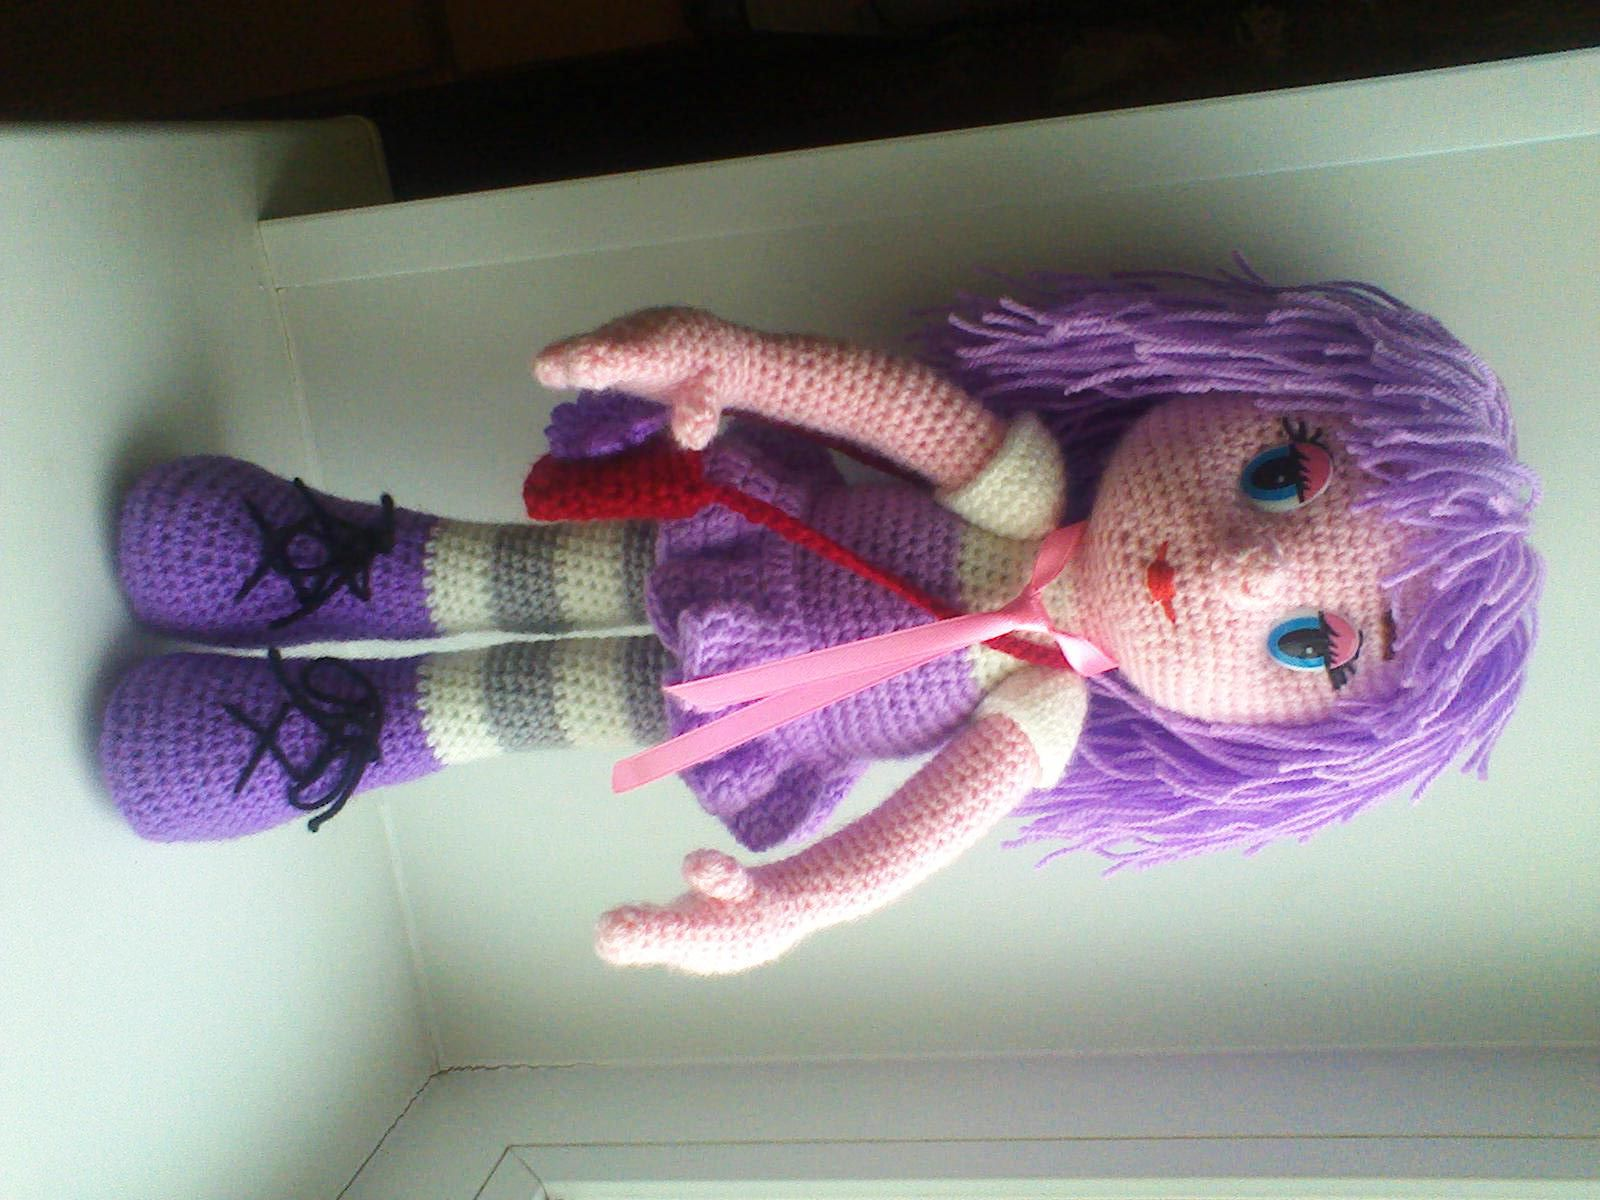 кукланазаказ идеяподарка игрушки рукоделие своимируками вязанаяигрушка творчество